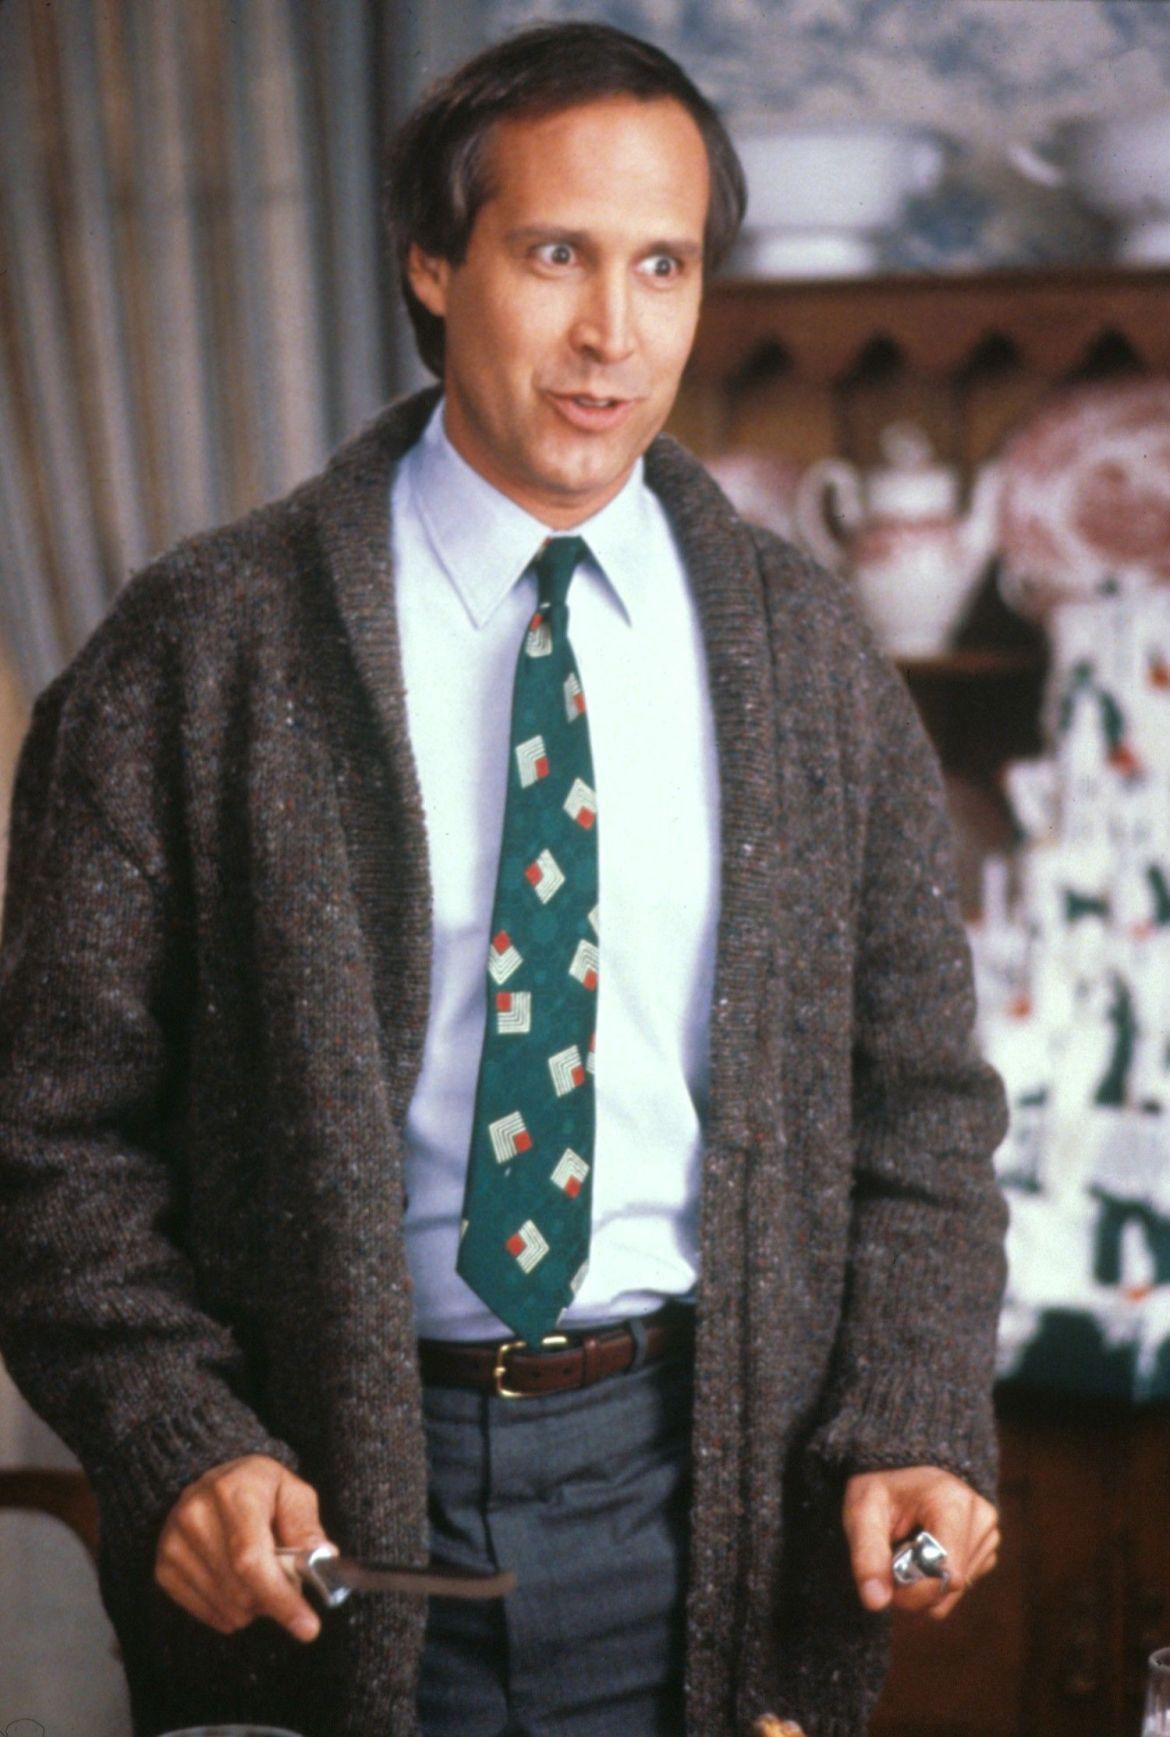 National Lampoon & # 39; S Christmas Vacation, #christmas